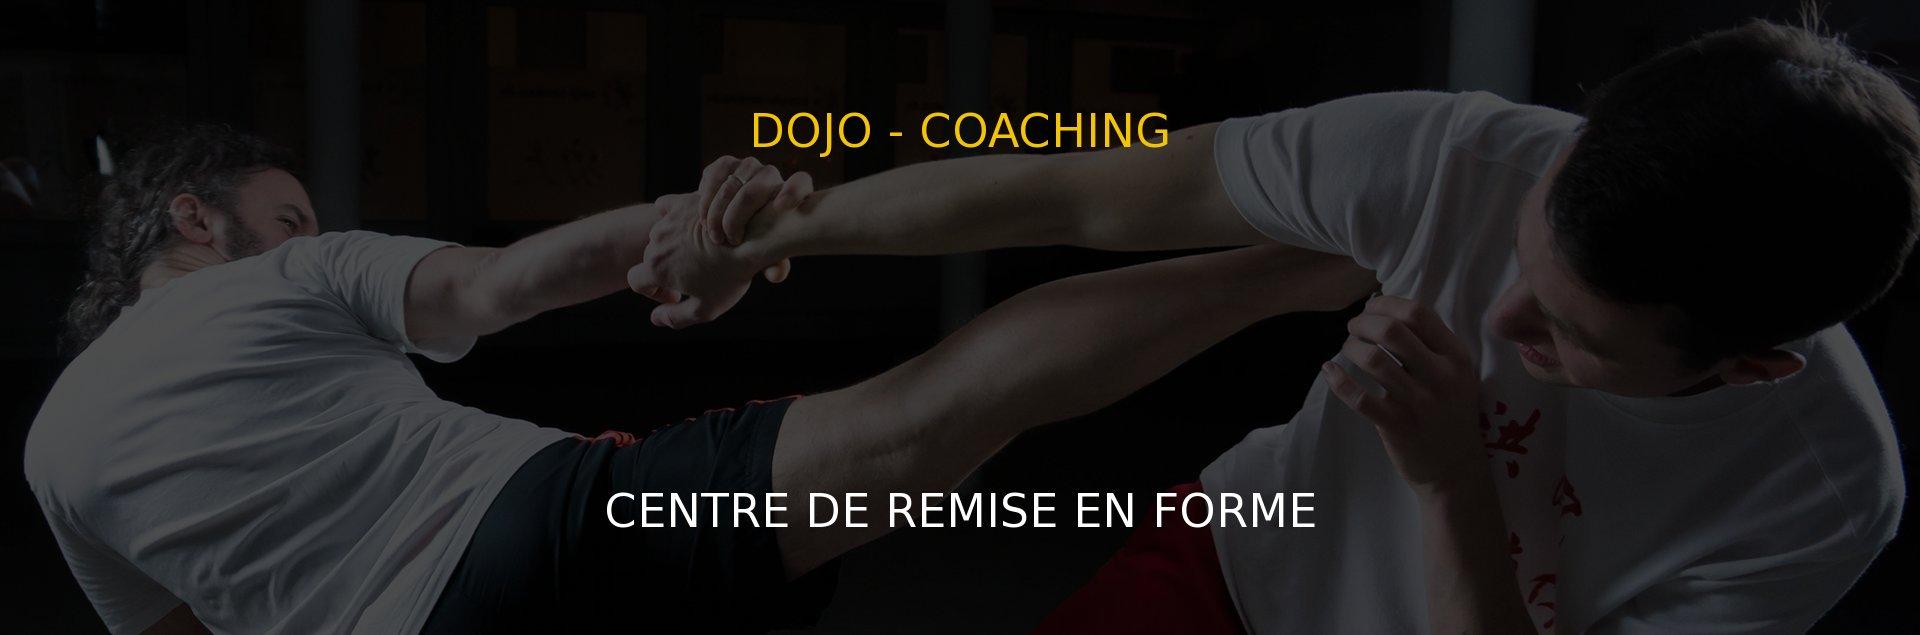 L'école d'arts martiaux qui agrège et synthétise différentes disciplines : self défense, ju-jitsu, kobudo, arts martiaux mixes...